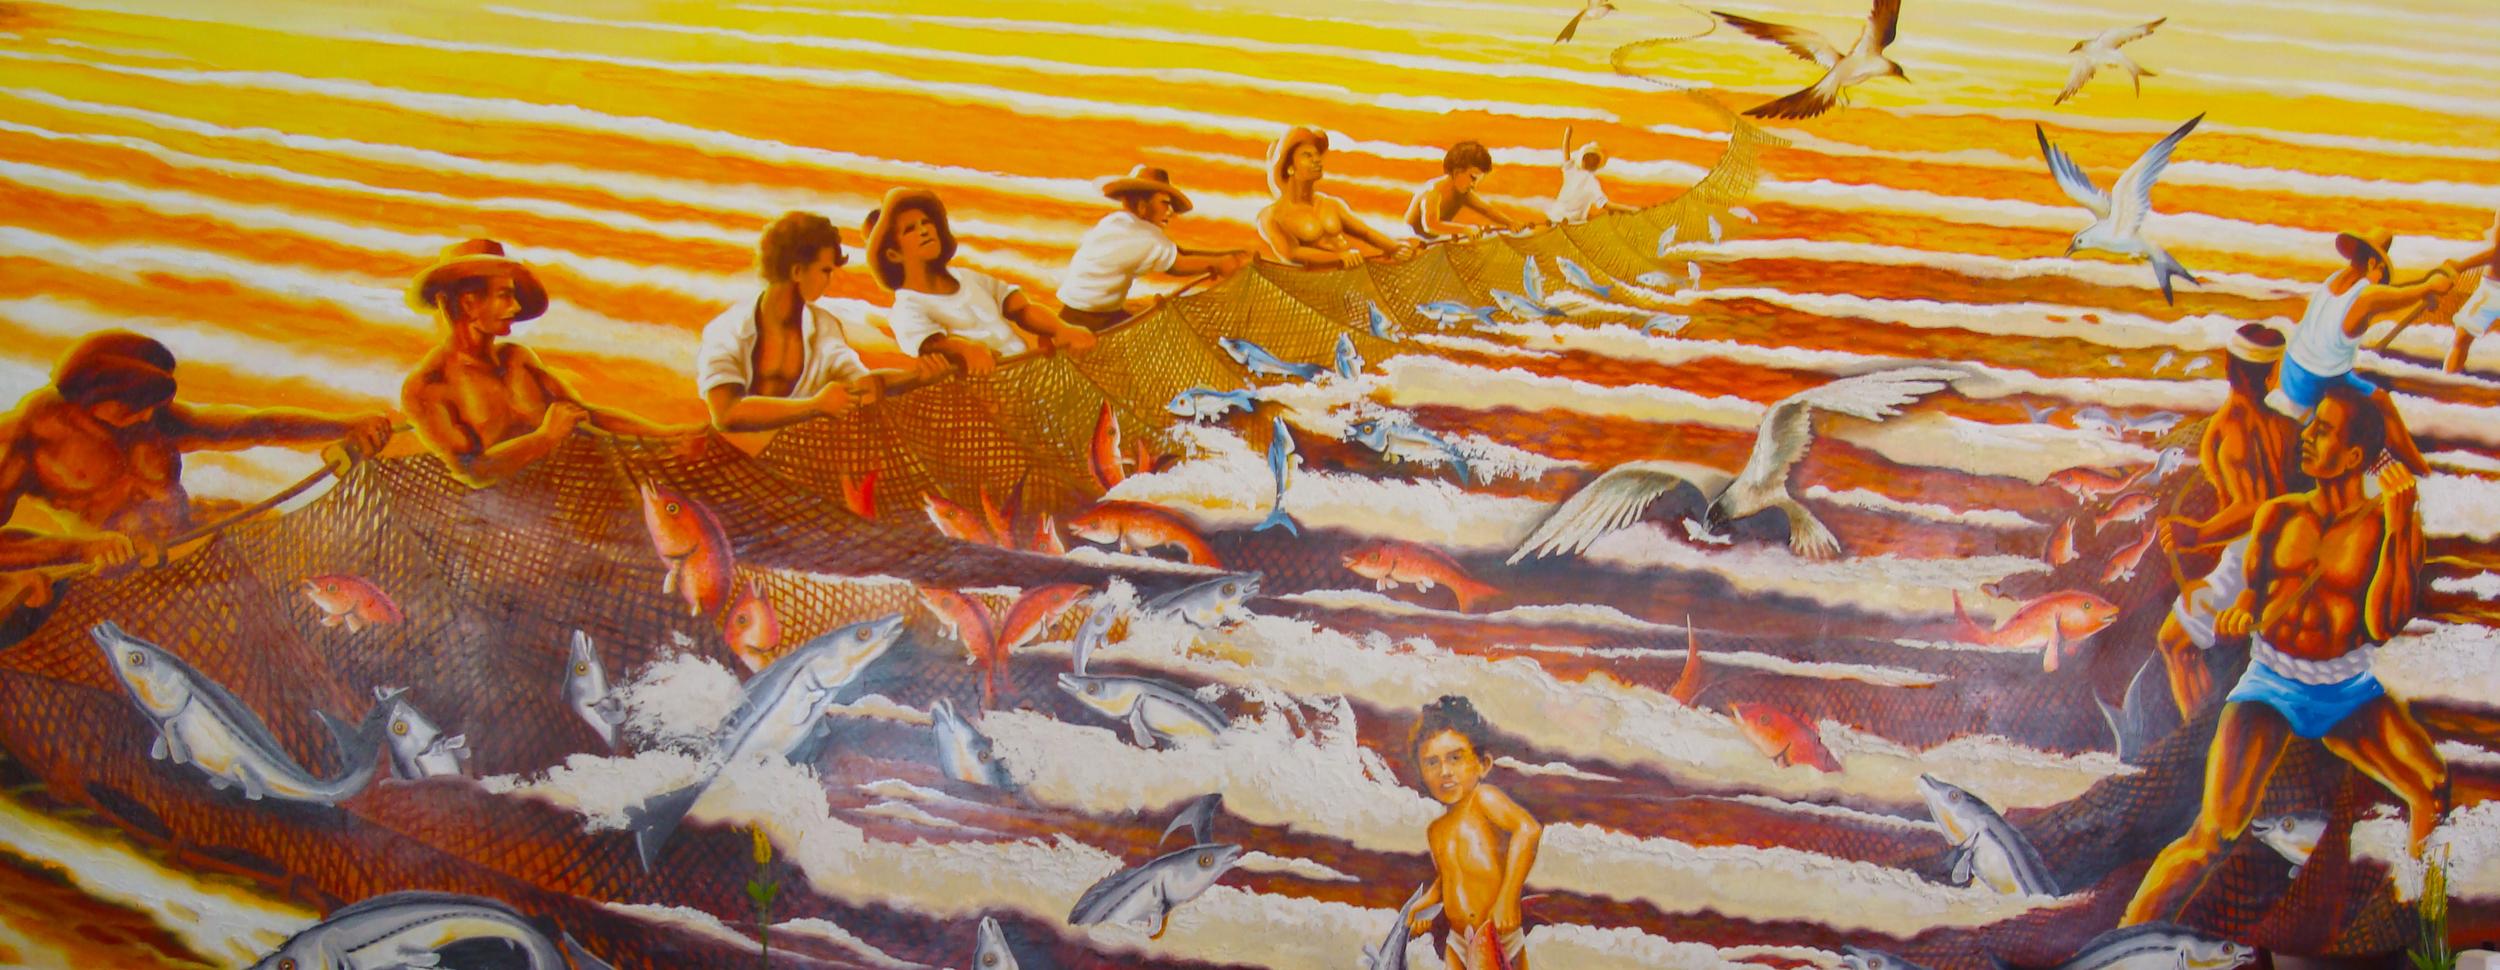 mural_HHC.jpg